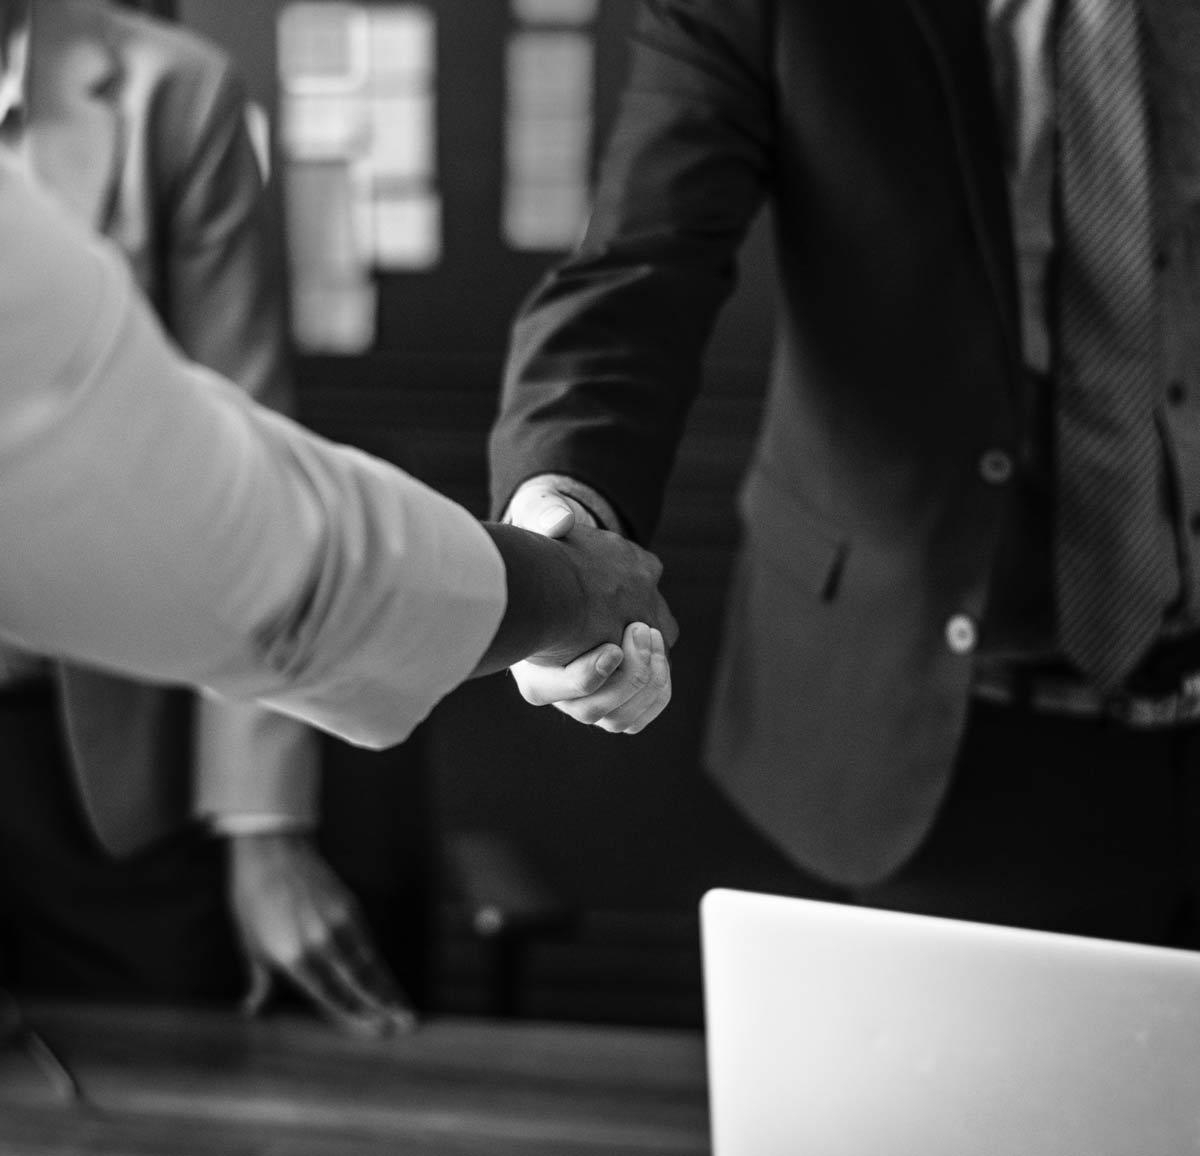 business meeting handshake